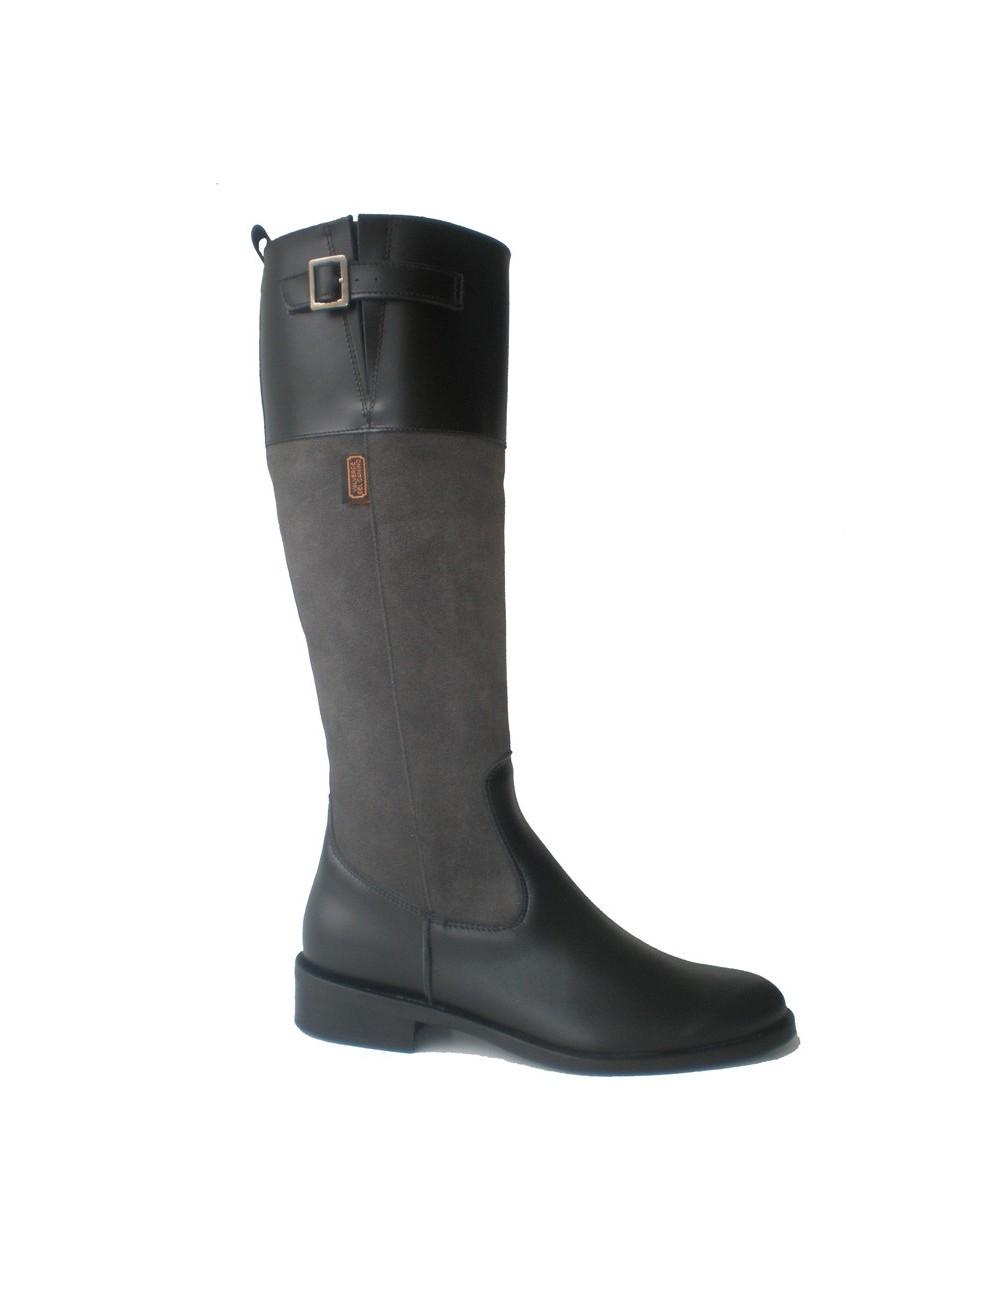 Bottes cavalières - Bottes femme plates cuir gris et noir